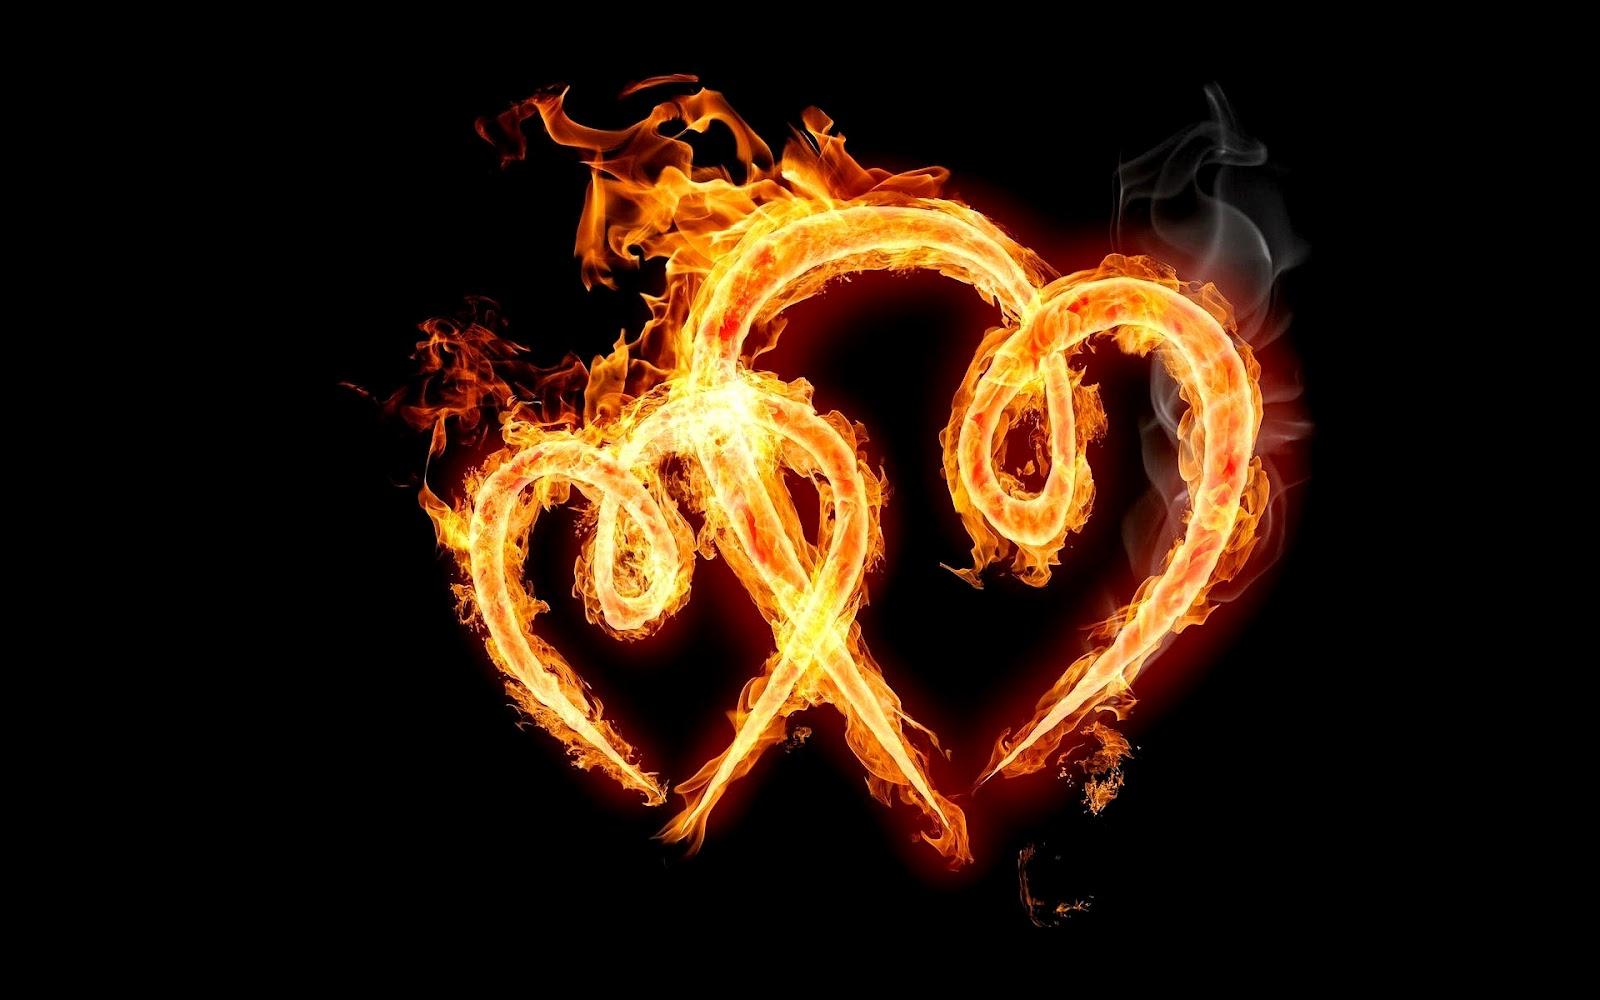 http://4.bp.blogspot.com/-I_rFn7MqxSE/UCVmeamifpI/AAAAAAAAARI/bqLB6NH-s8Q/s1600/hd-liefdes-hartjes-wallpaper-liefde-hartjes-van-vuur-op-een-zwarte-achtergrond.jpg